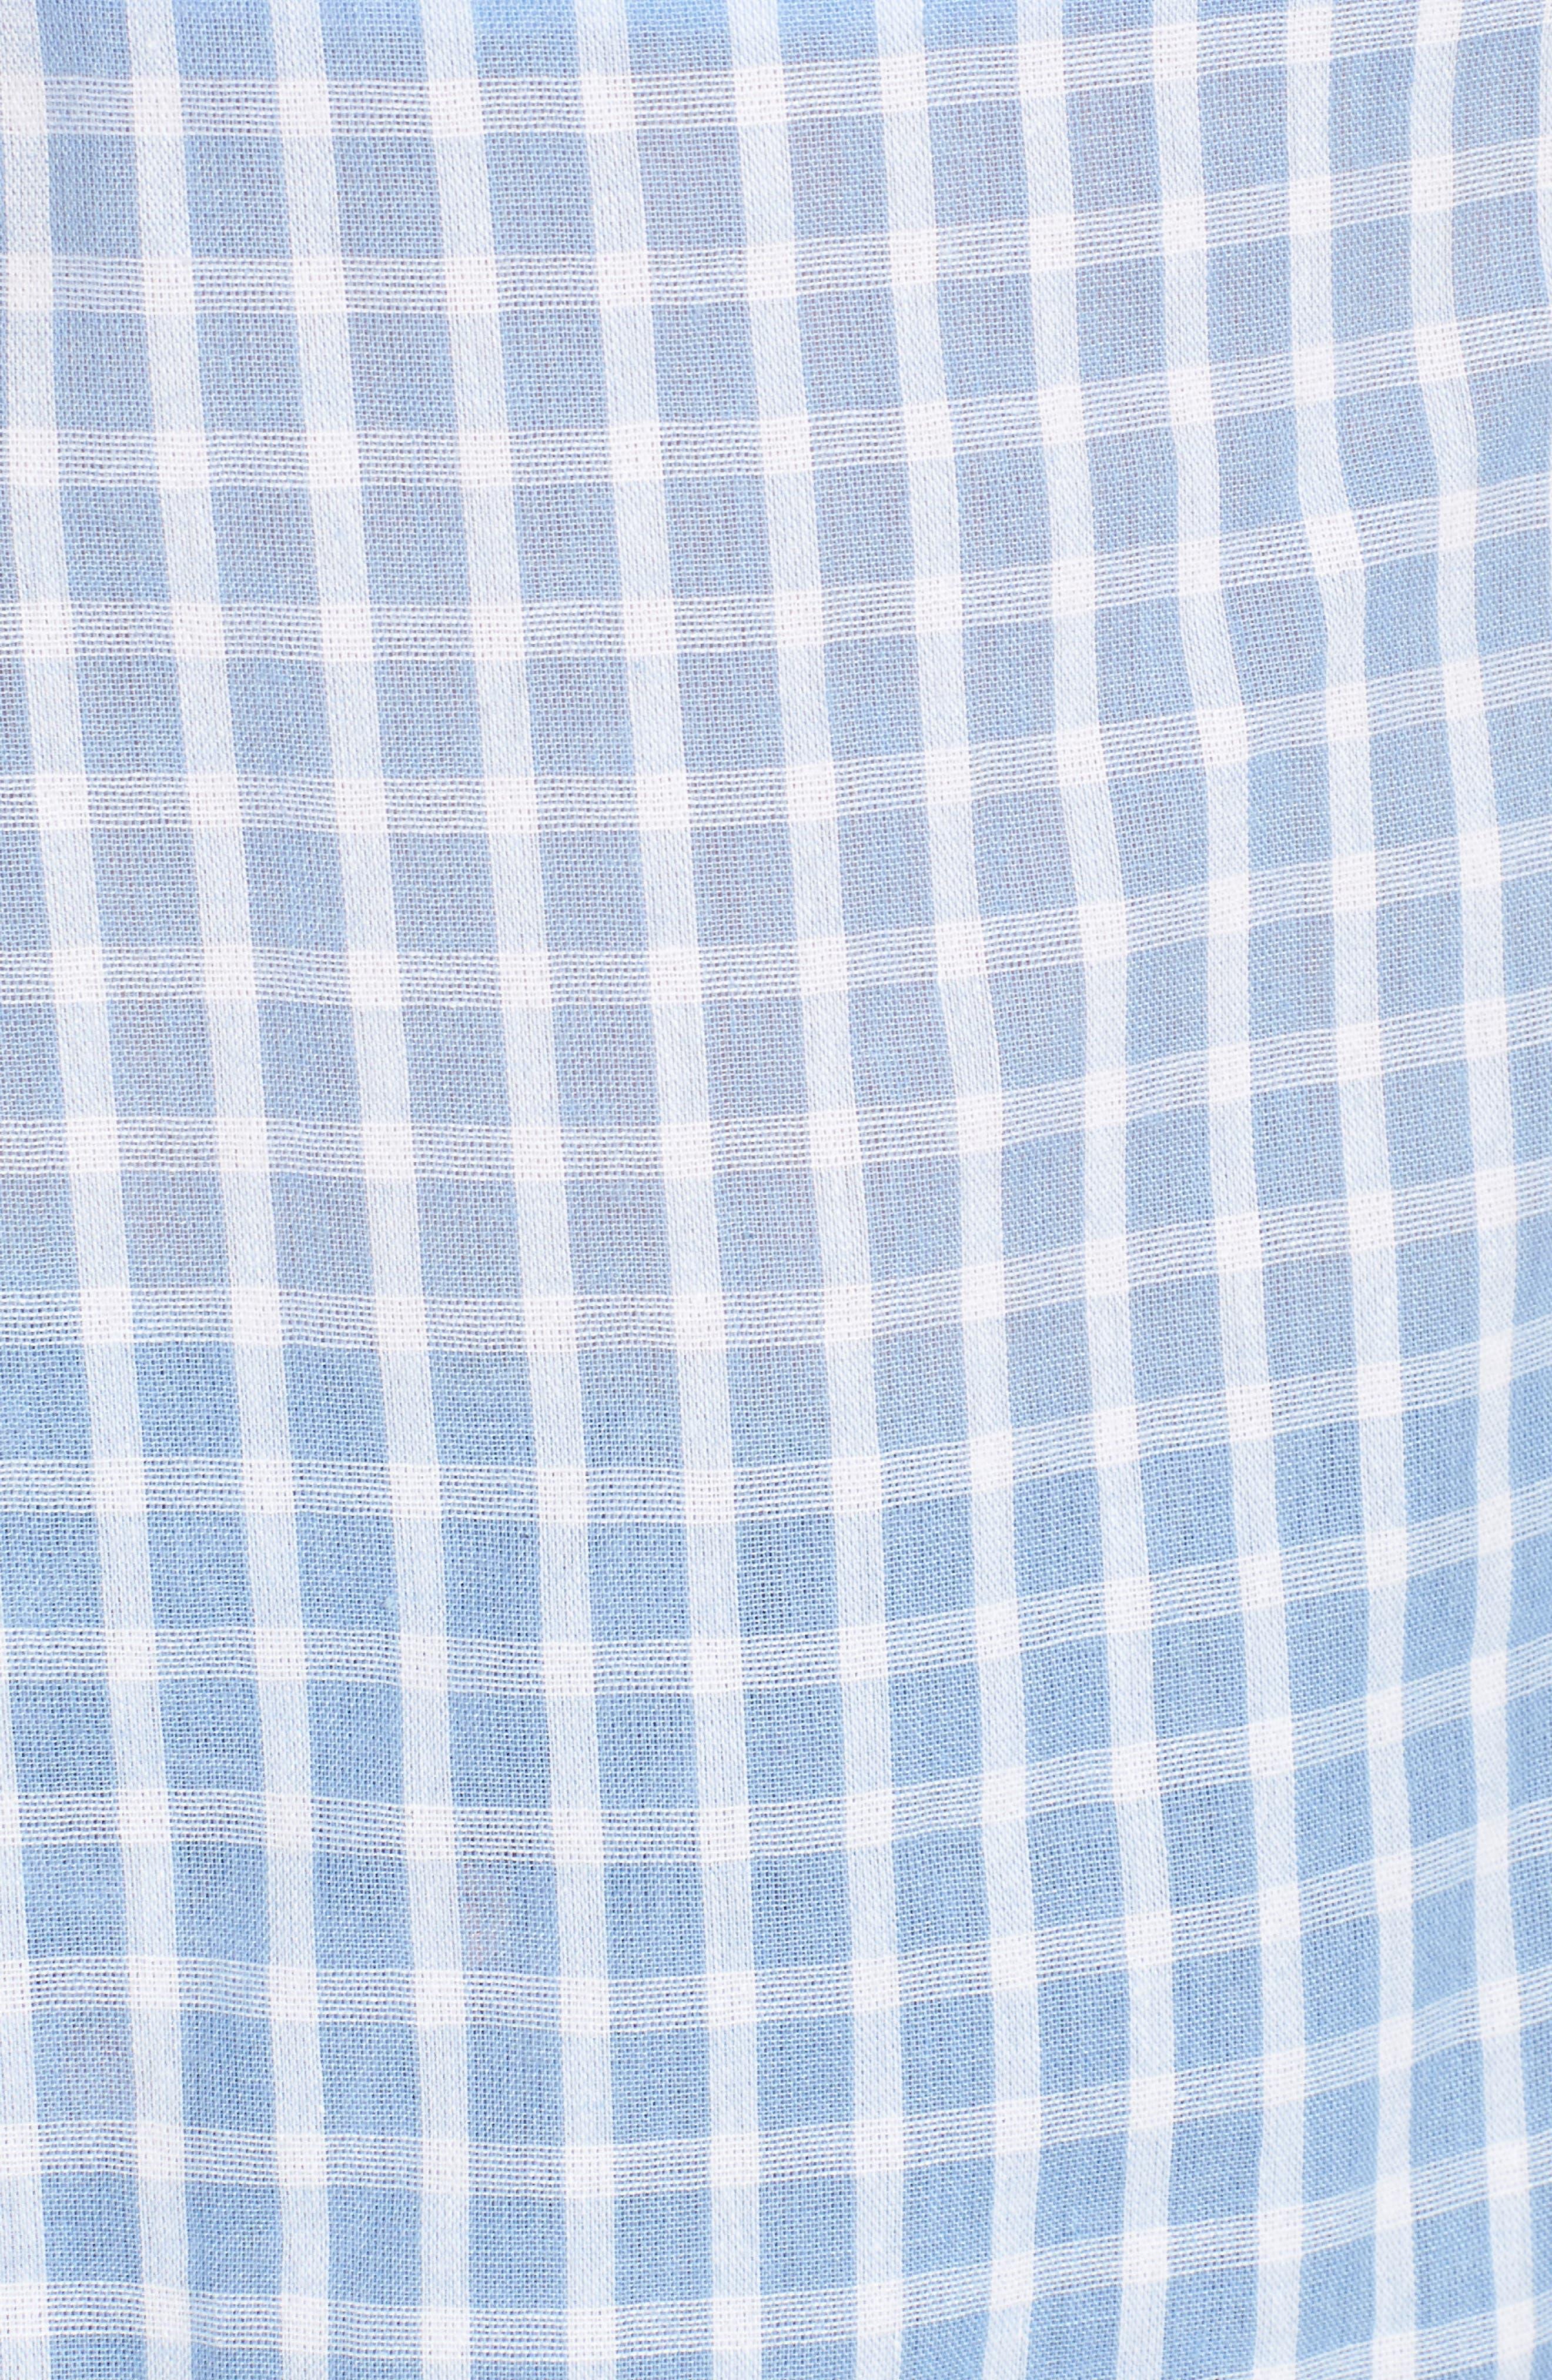 Knot Back Strapless Top,                             Alternate thumbnail 6, color,                             Light Blue/ White